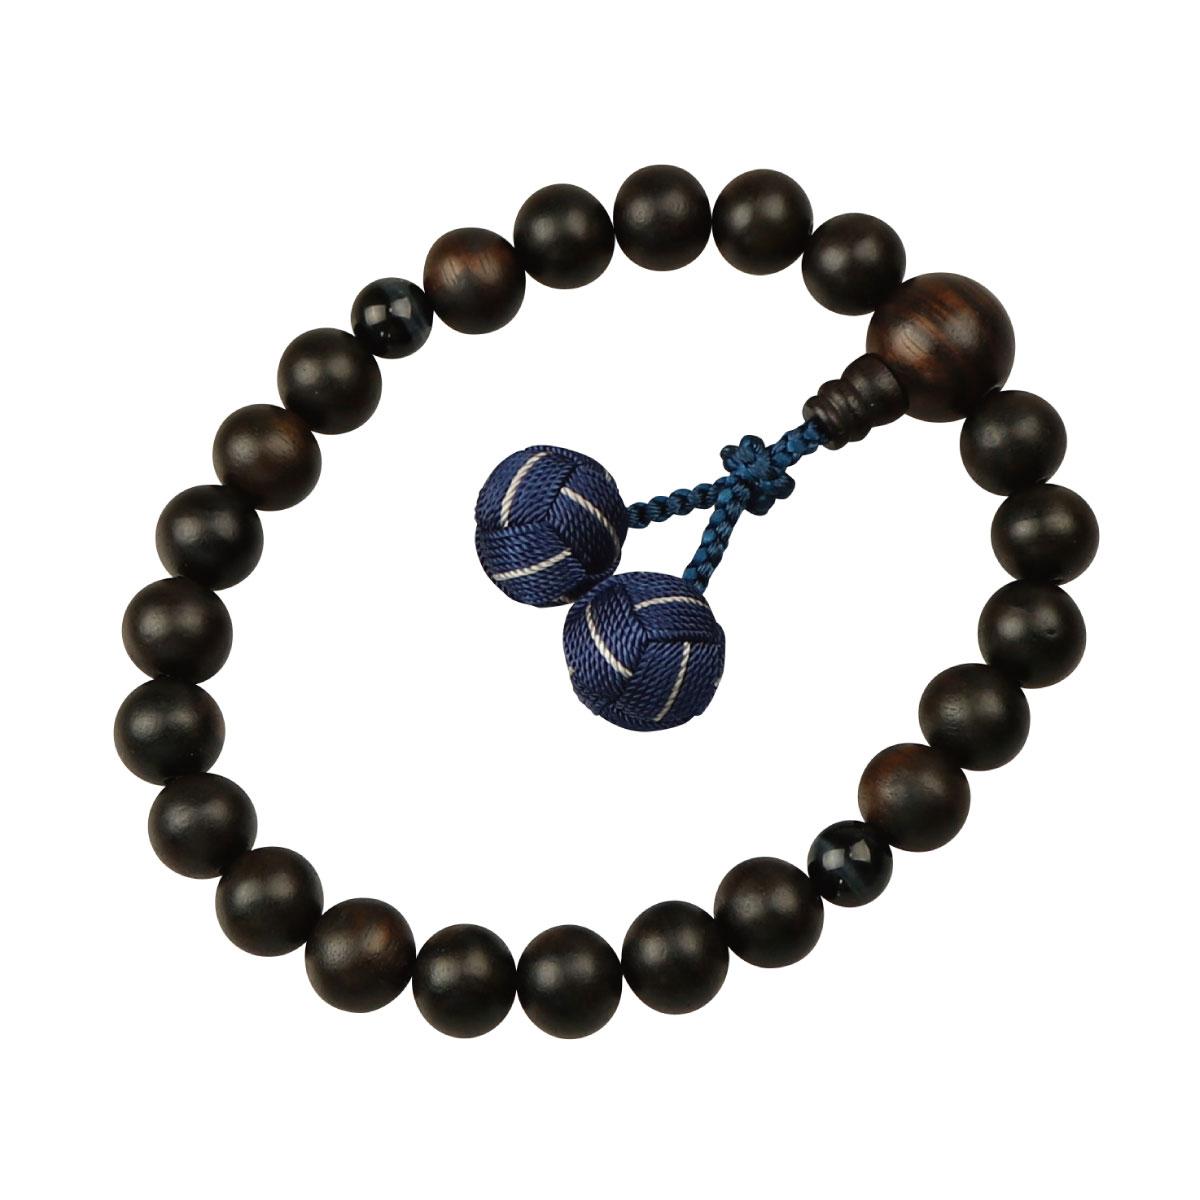 数珠 男性用略式 京念数 全宗派対応 縞黒檀 青虎目石仕立 利久梵天房